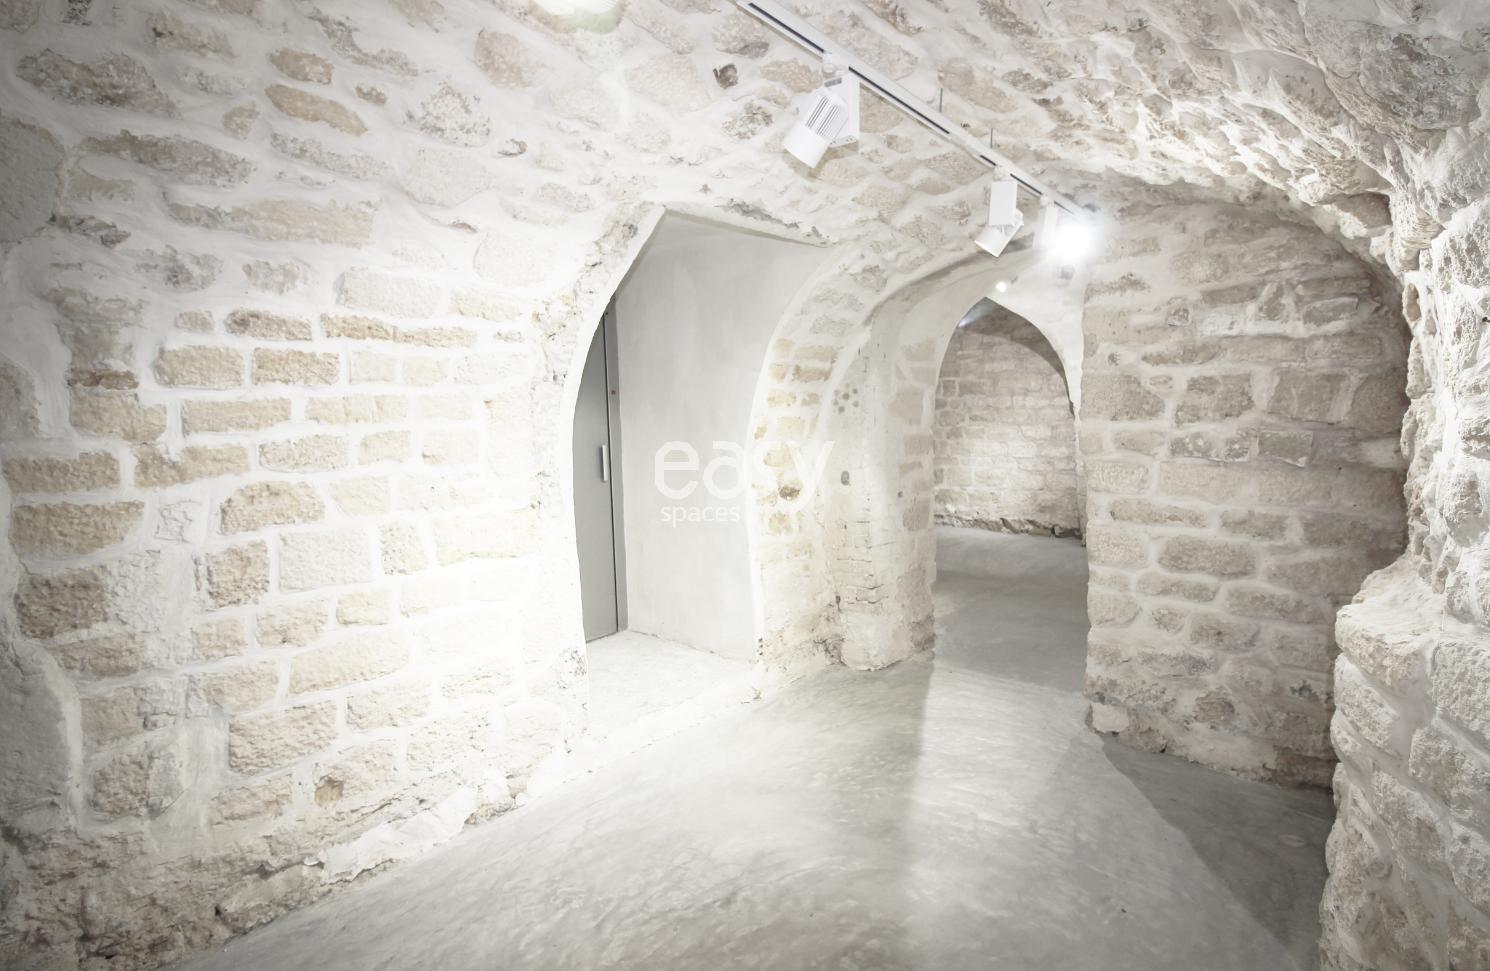 louer un salle de r ception paris lieux lieu louer pour tournage dans le sud de la france. Black Bedroom Furniture Sets. Home Design Ideas